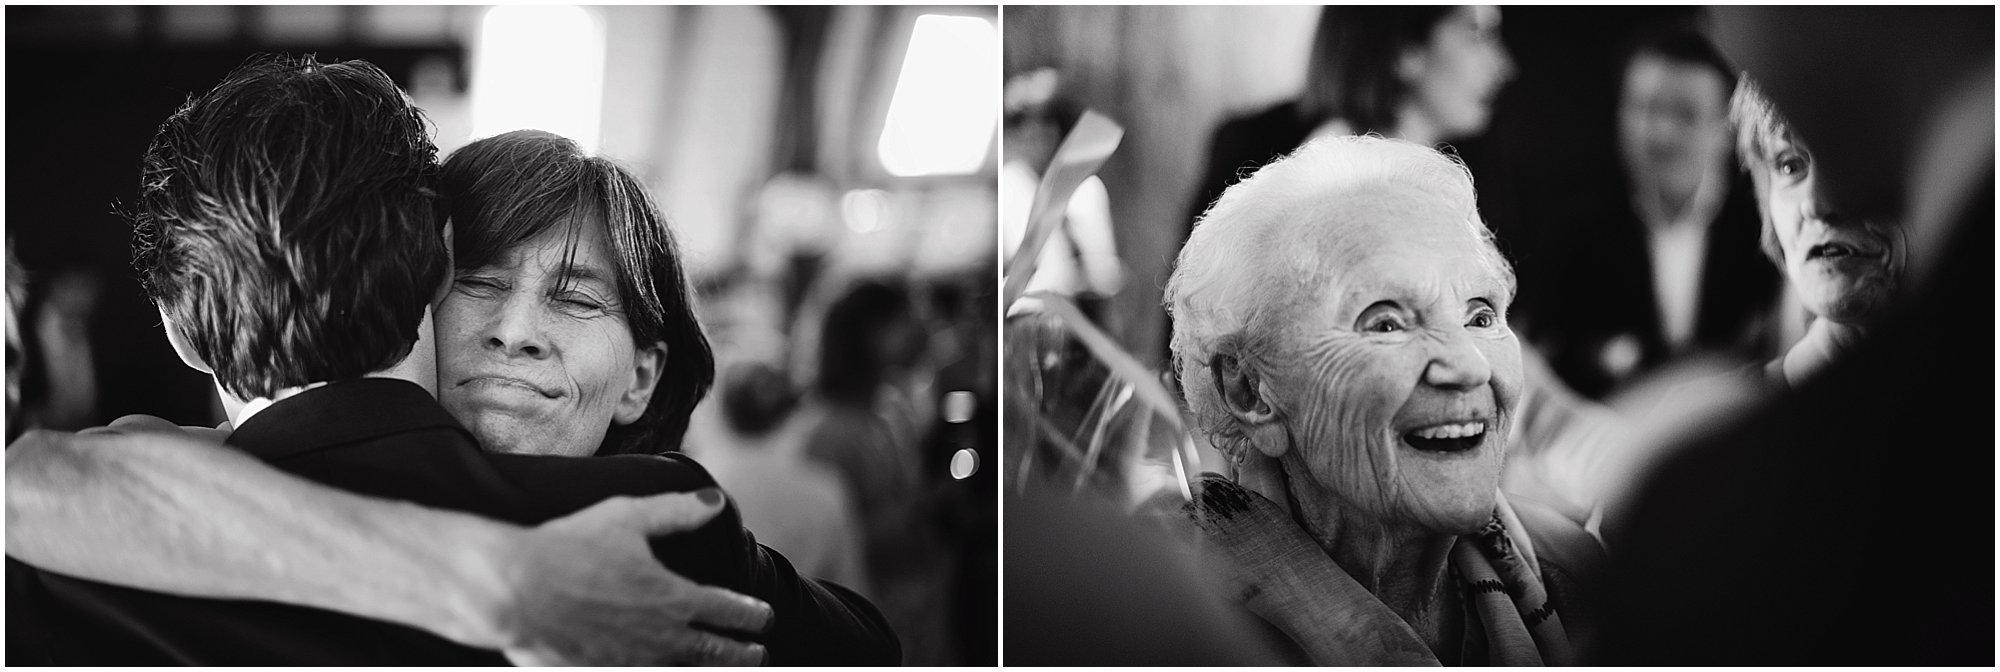 bruidsfotografie noord-brabant, trouwen landgoed ulvenhart, bruidsfotograaf noord-brabant, trouwfotograaf noord-brabant, bruidsfotografie landgoed ulvenhart, landgoed ulvenhart trouwen, bruiloft landgoed ulvenhart, landgoed ulvenhart bruiloft, trouwfotografie noord-brabant, bruidsfotograaf breda, bruidsfotografie breda, trouwreportage breda, ulvenhart breda, regenbruiloft, regen op je bruiloft